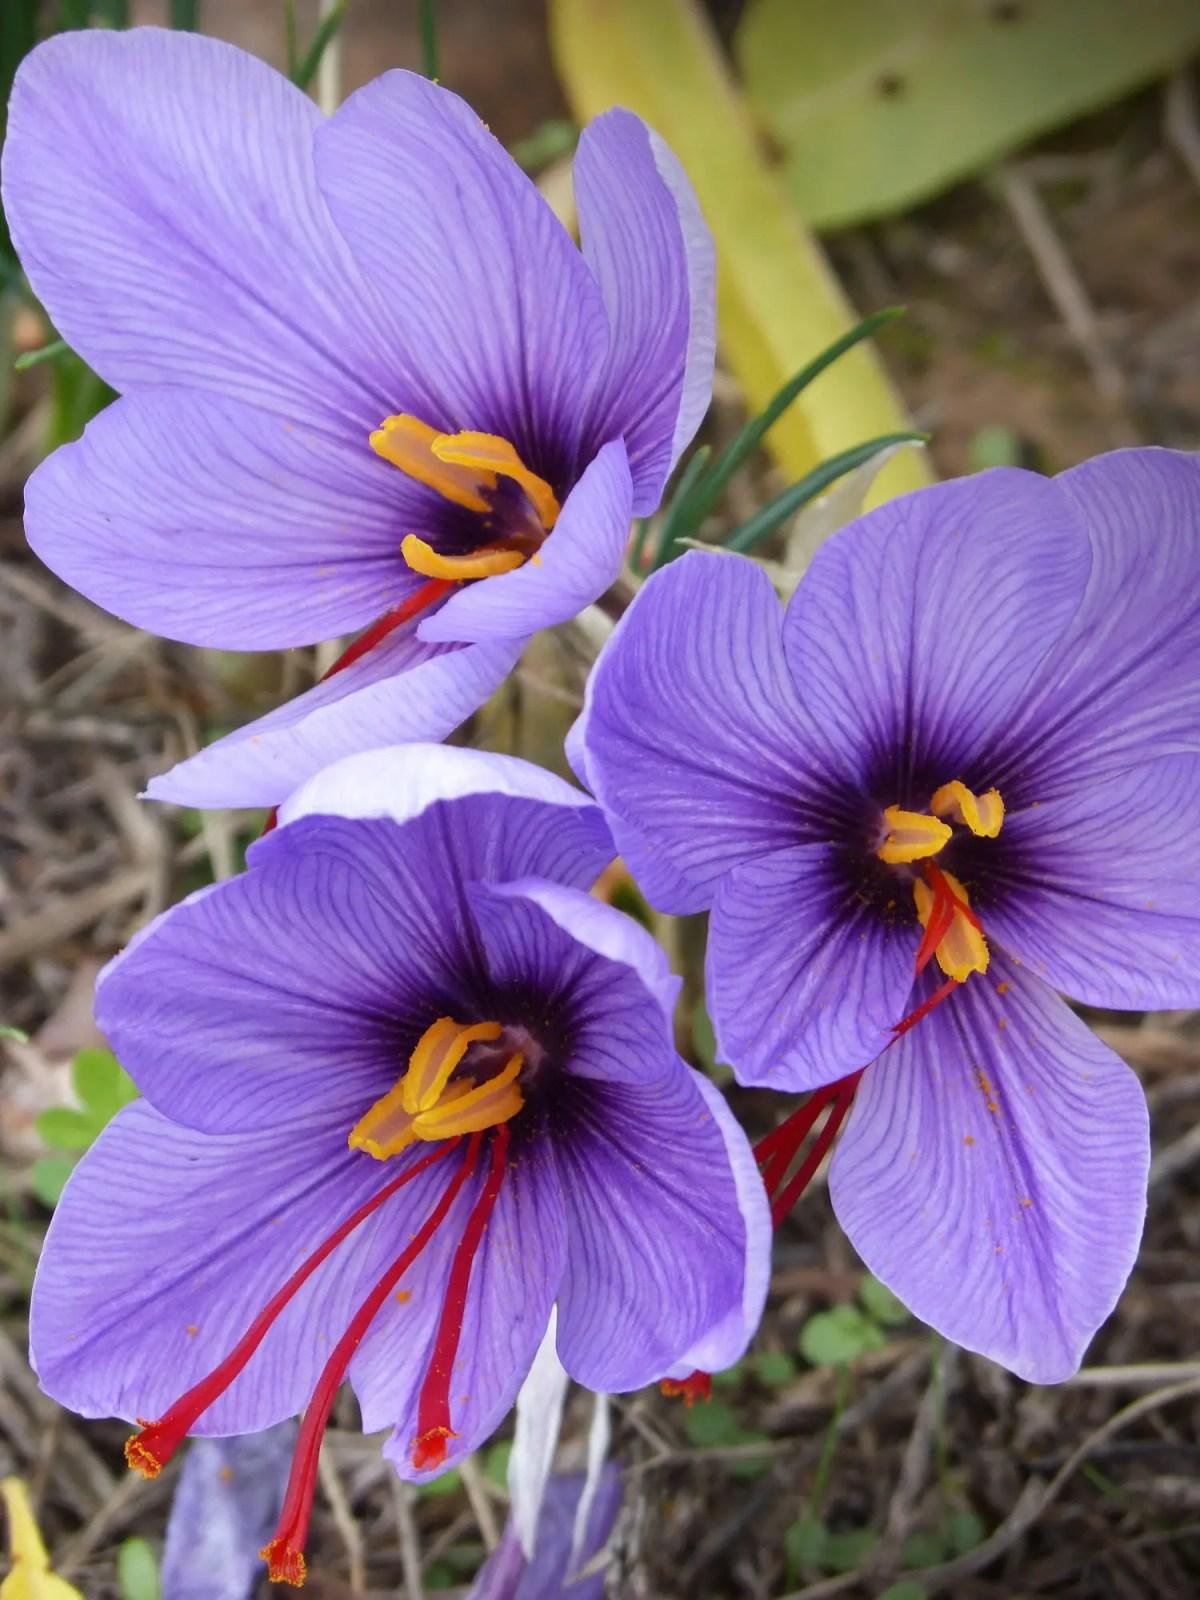 Saffron_crocus3_x2000_crop_center